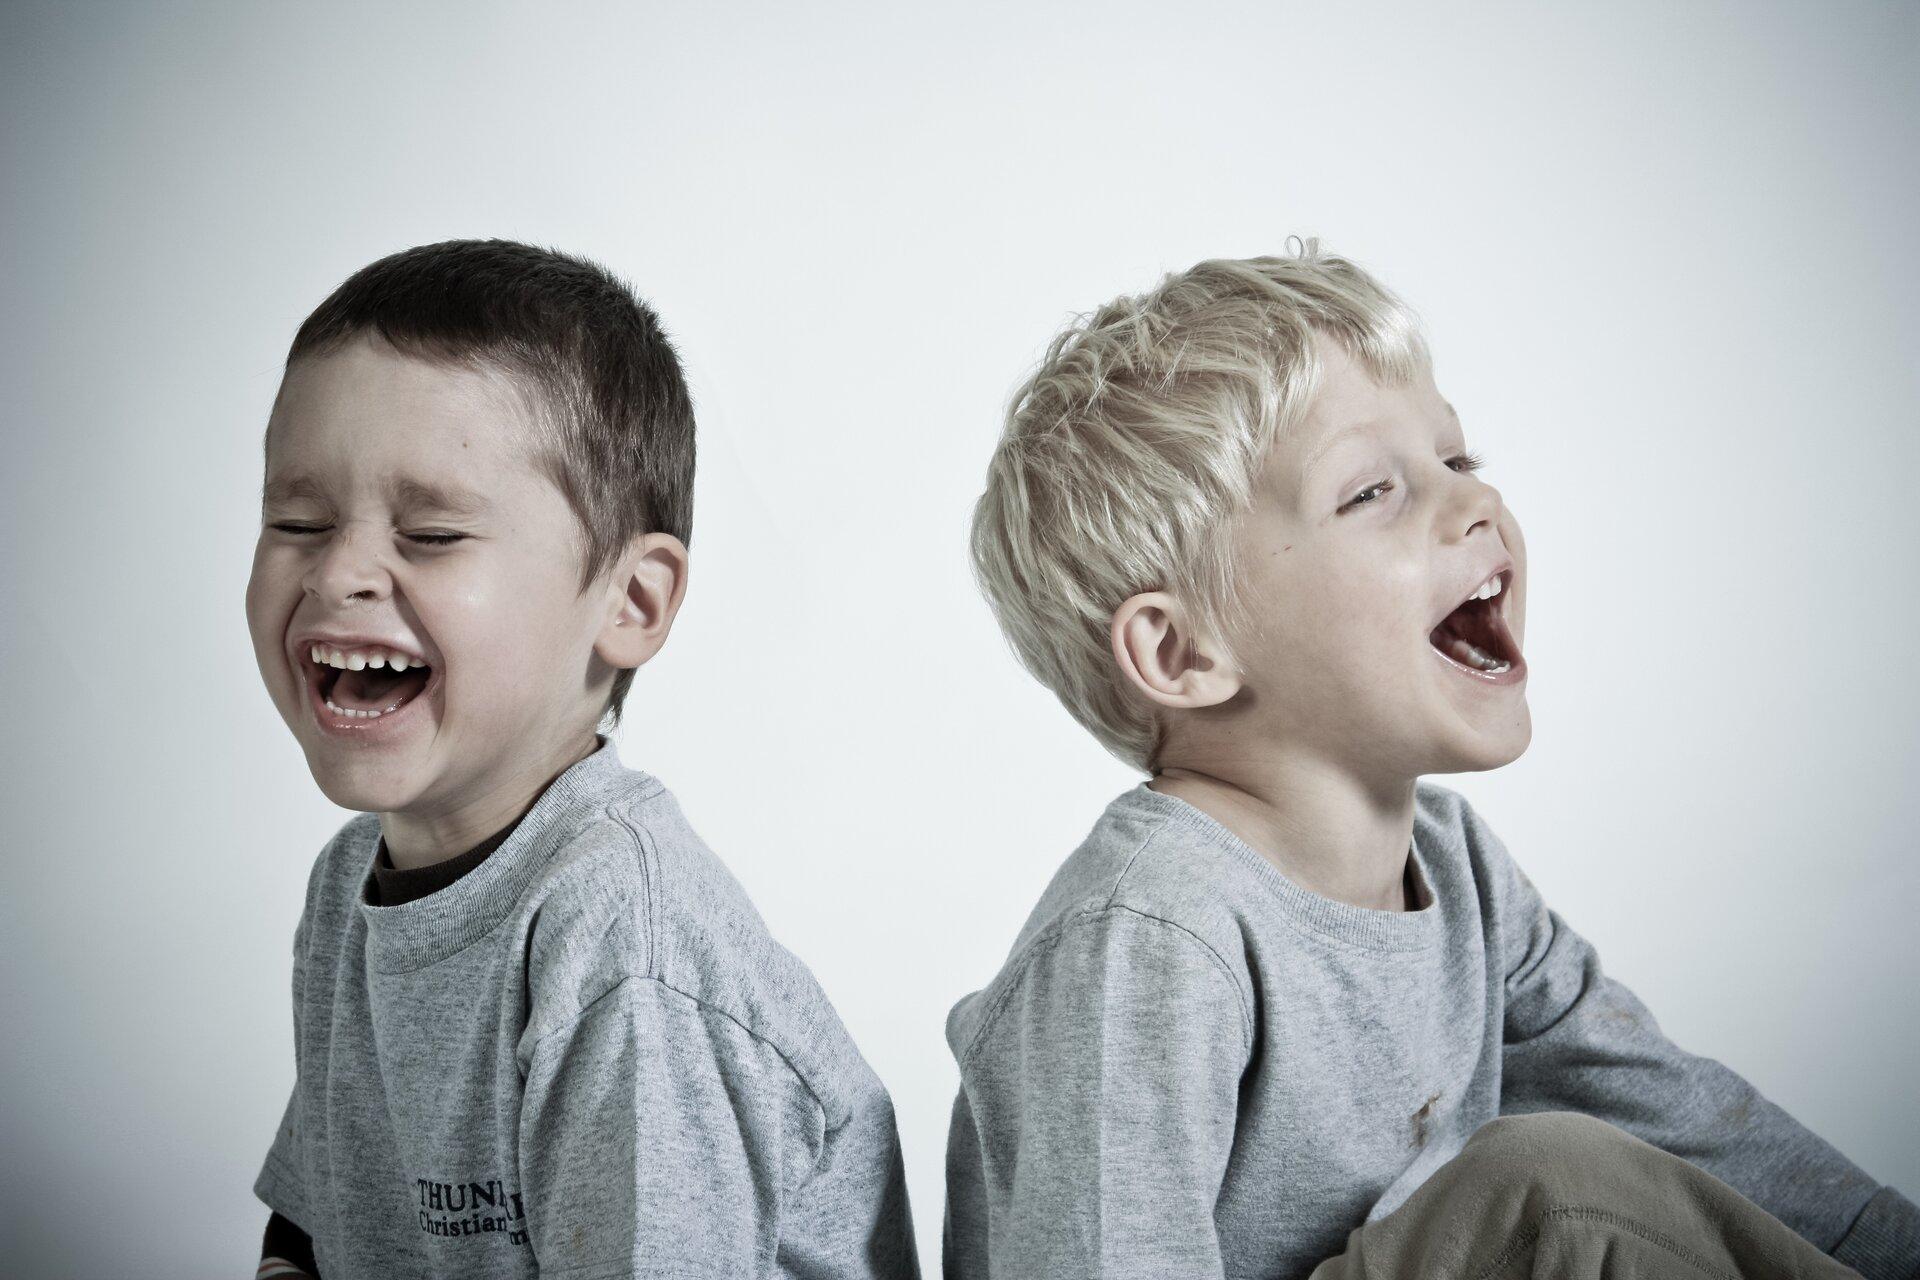 Śmiejący się chłopcy Śmiejący się chłopcy Źródło: domena publiczna.